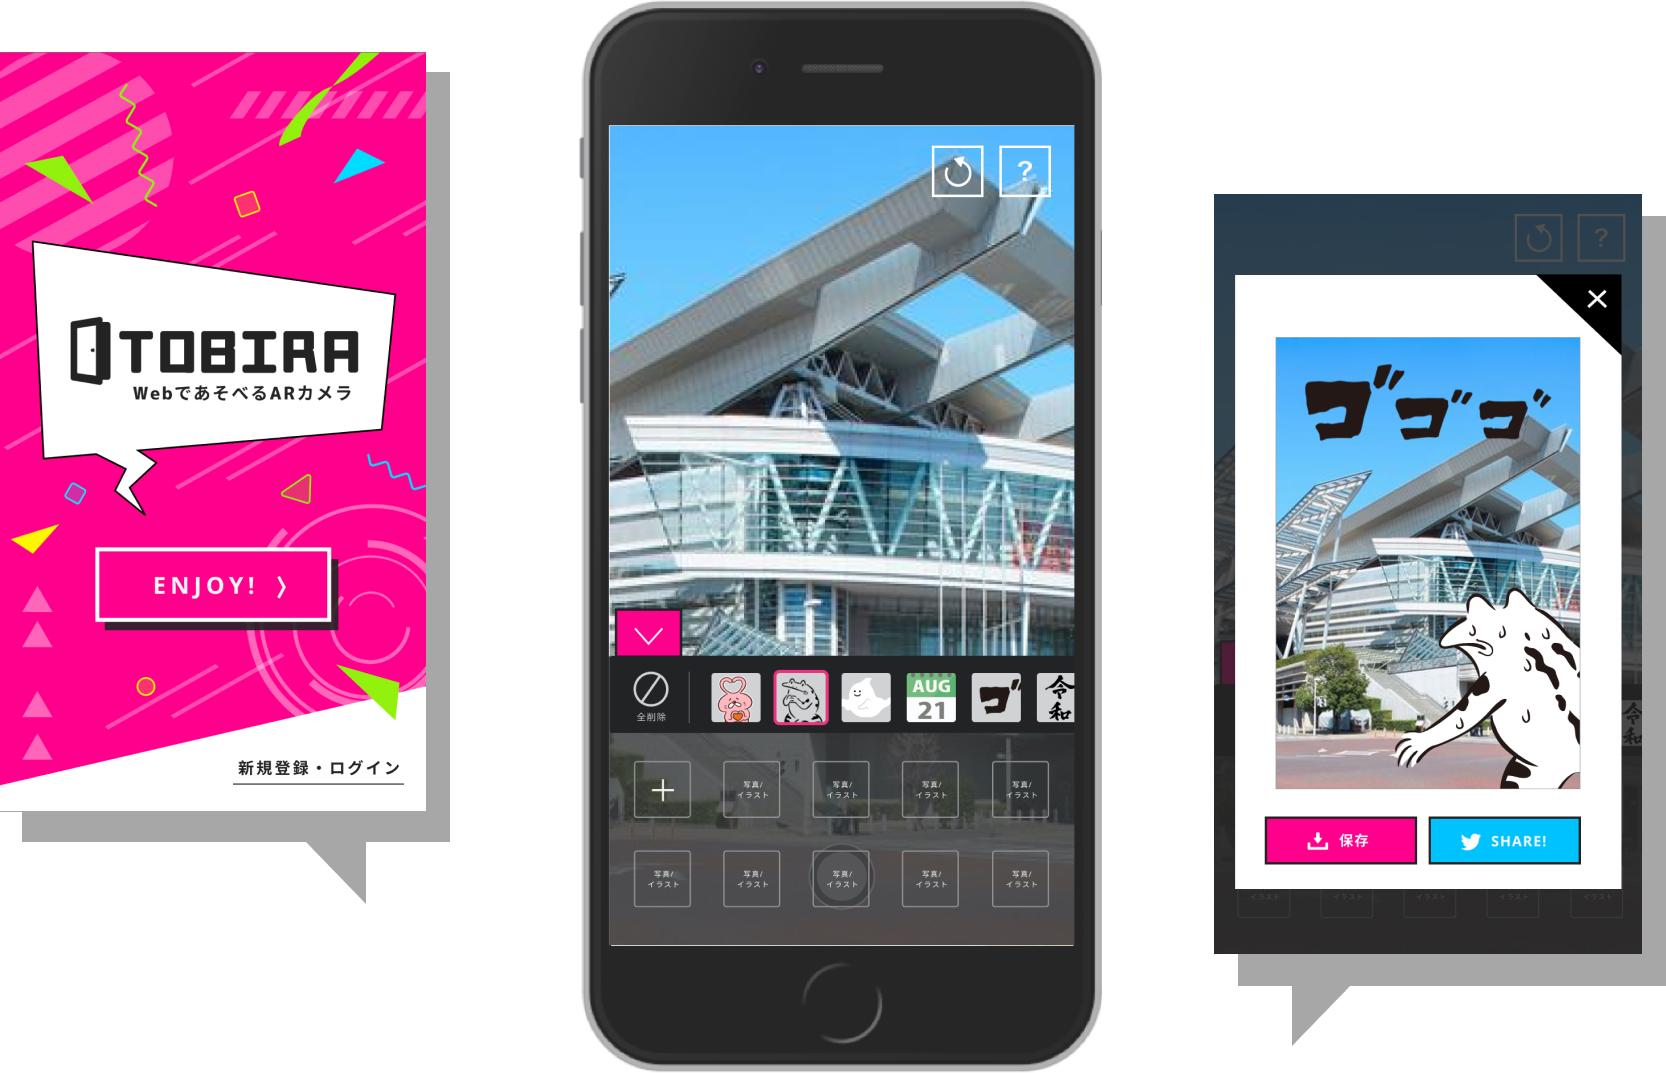 ウェブARカメラ「TOBIRA」リリース!アプリ不要で楽しめるAR体験